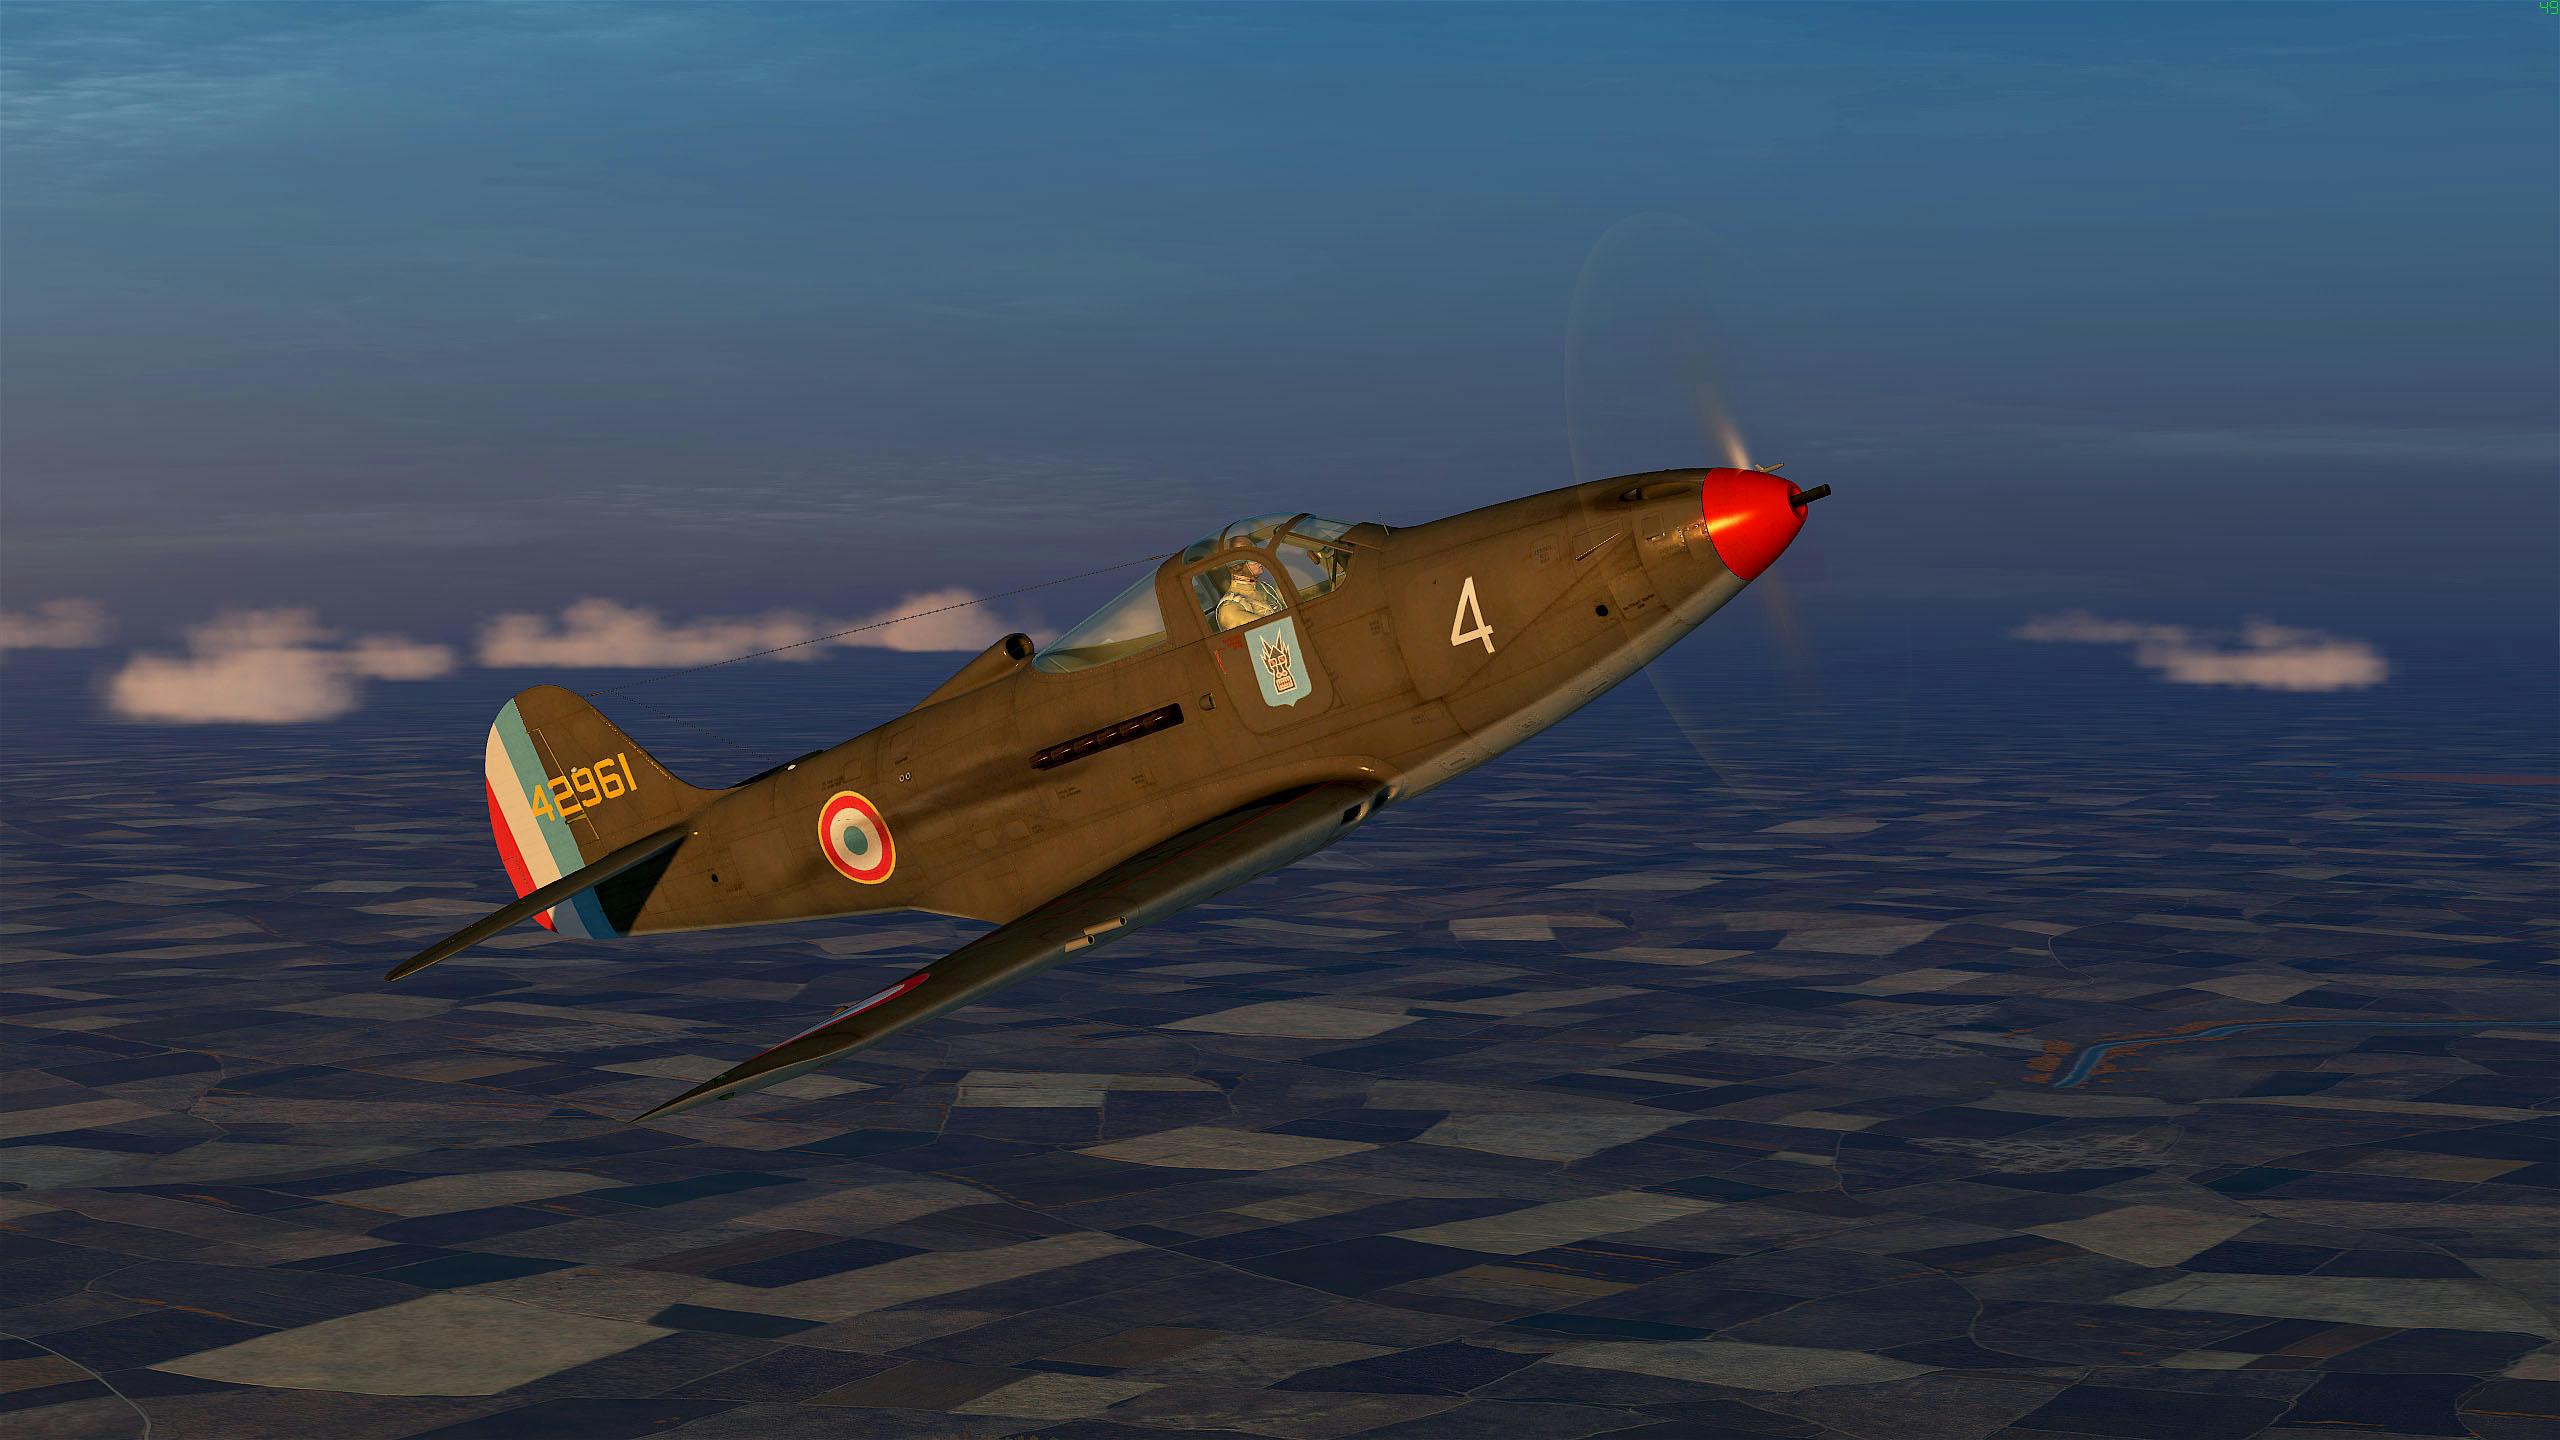 PACK P-39 FRANCAIS Todbbagpjqz5o9rzg